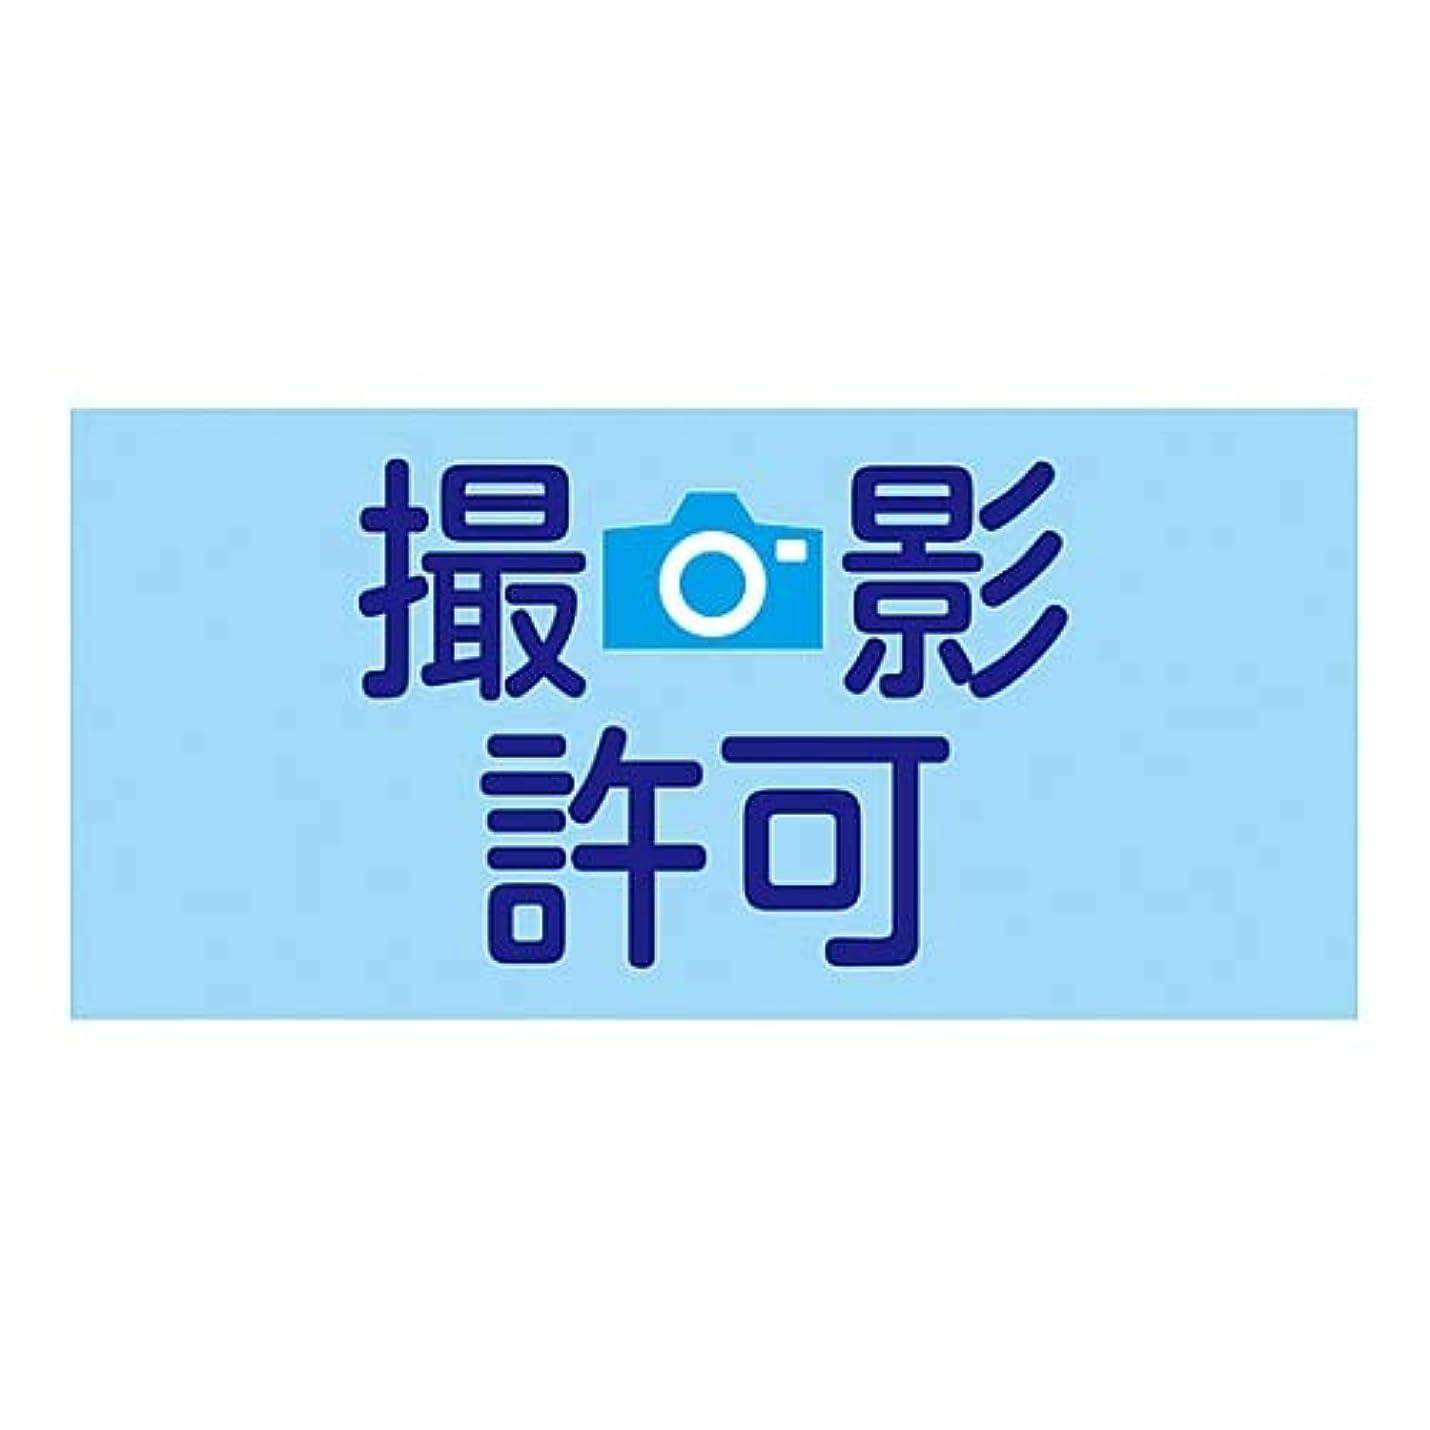 ジャケット裏切りなめる日本緑十字社 ゴム腕章 「撮影許可」 GW-9M/61-3429-99